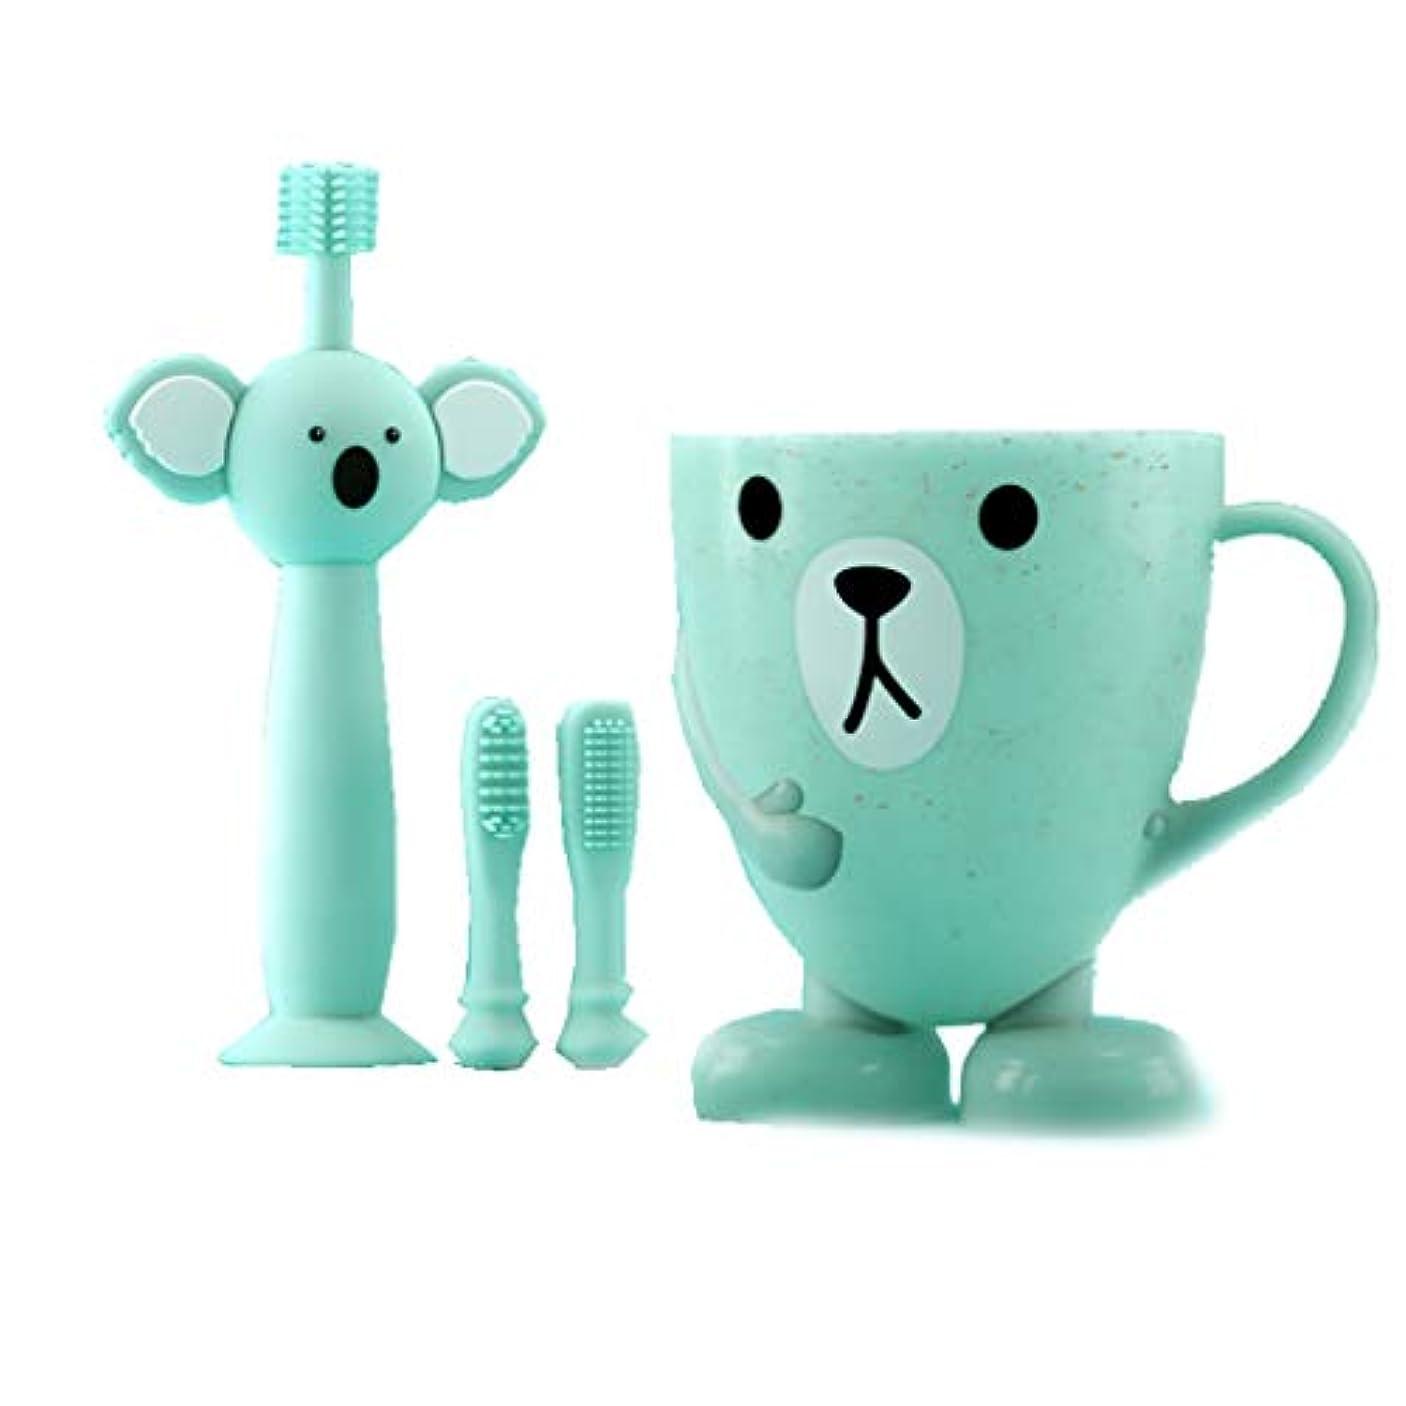 安全な品余韻赤ちゃんの歯ブラシの子供、360度きれいな柔らかい髪、慎重に選択されたシリコーン材料、歯をきれいにしながら歯茎をマッサージします。 (色 : B)